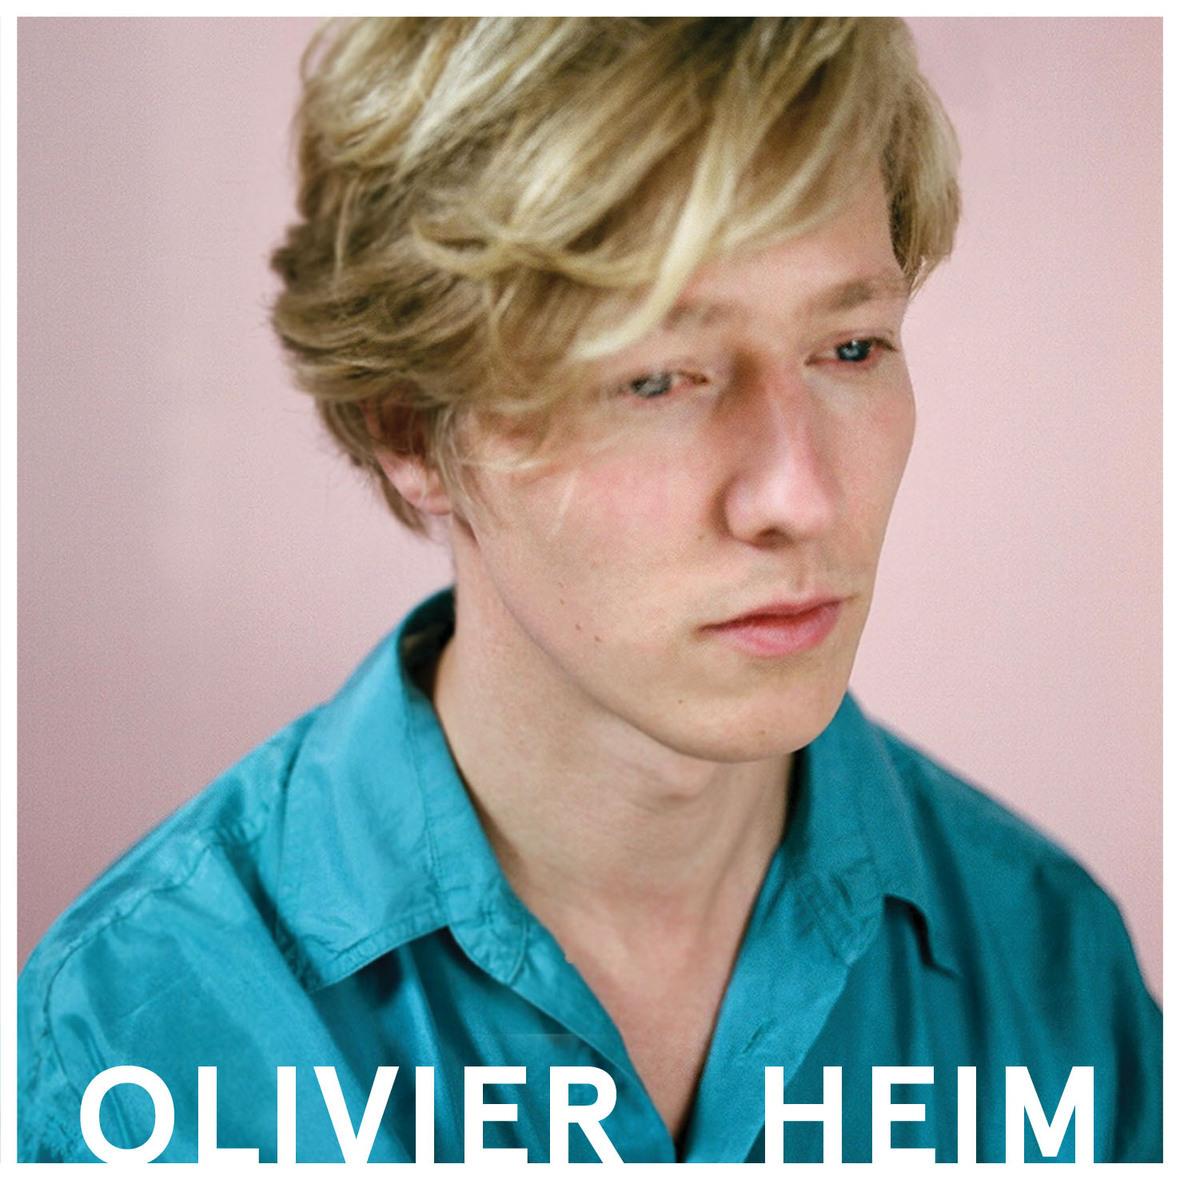 Olivier Heim by Zuza Golinuska   Magdalena  uazarczyk 6